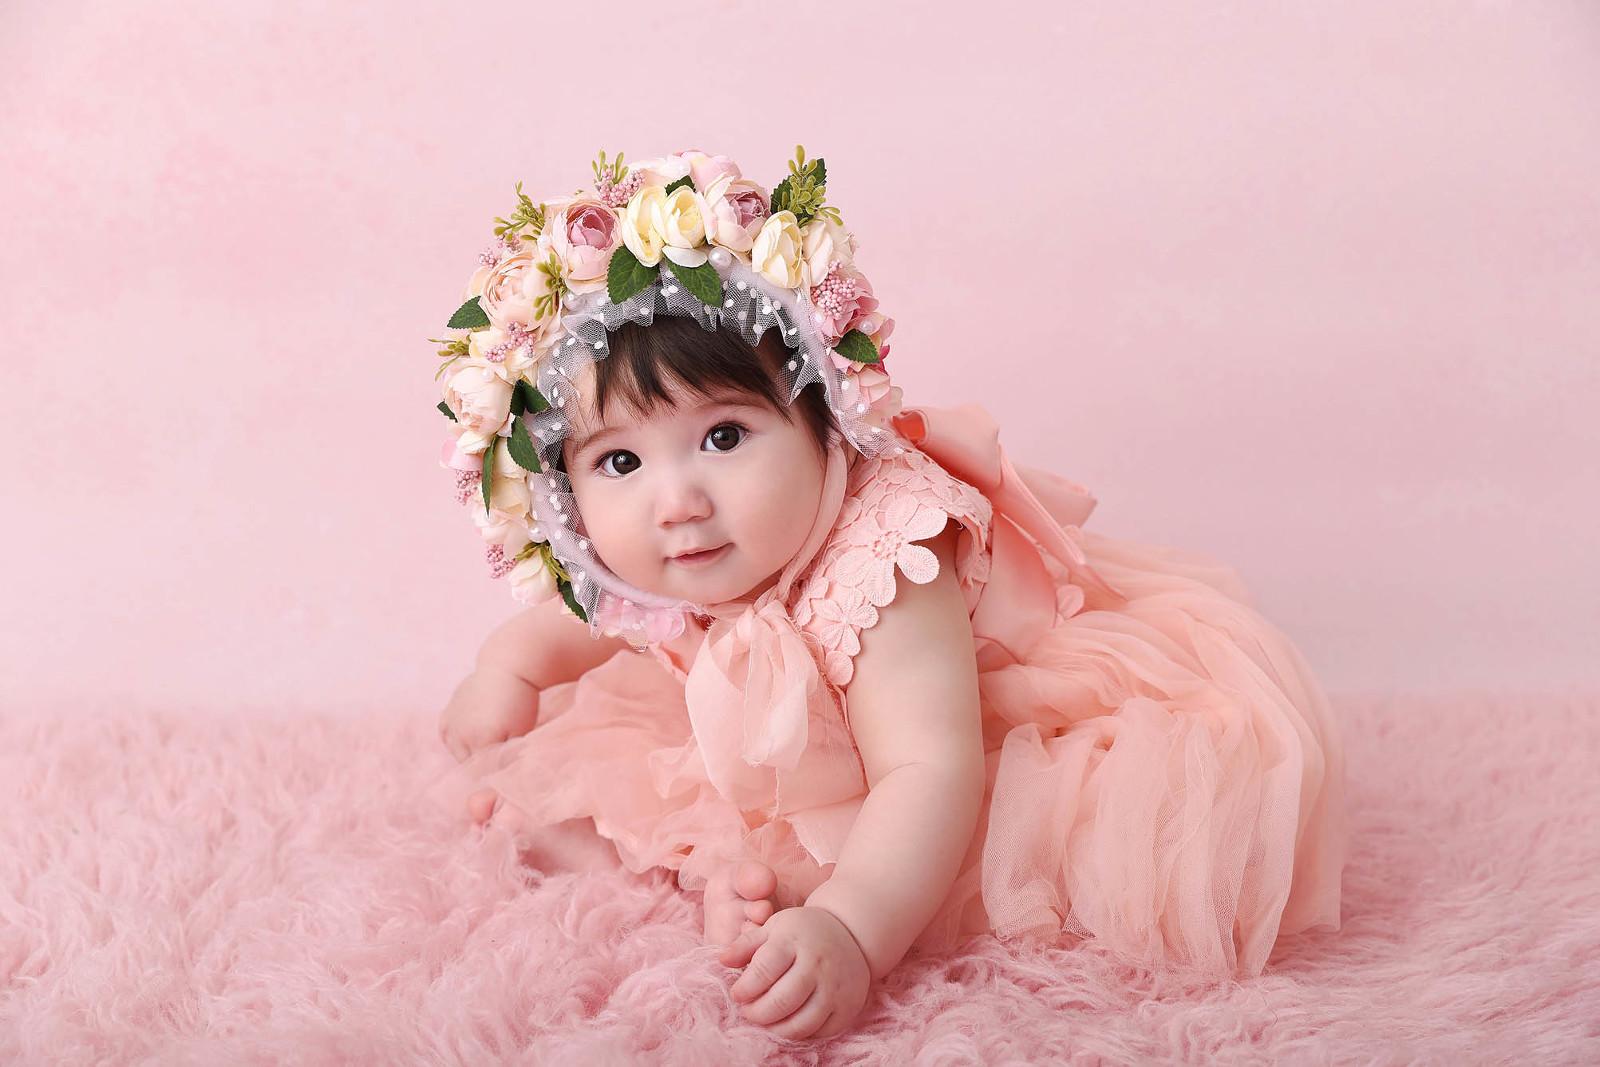 Bébé en robe rose avec un bonnet à fleurs